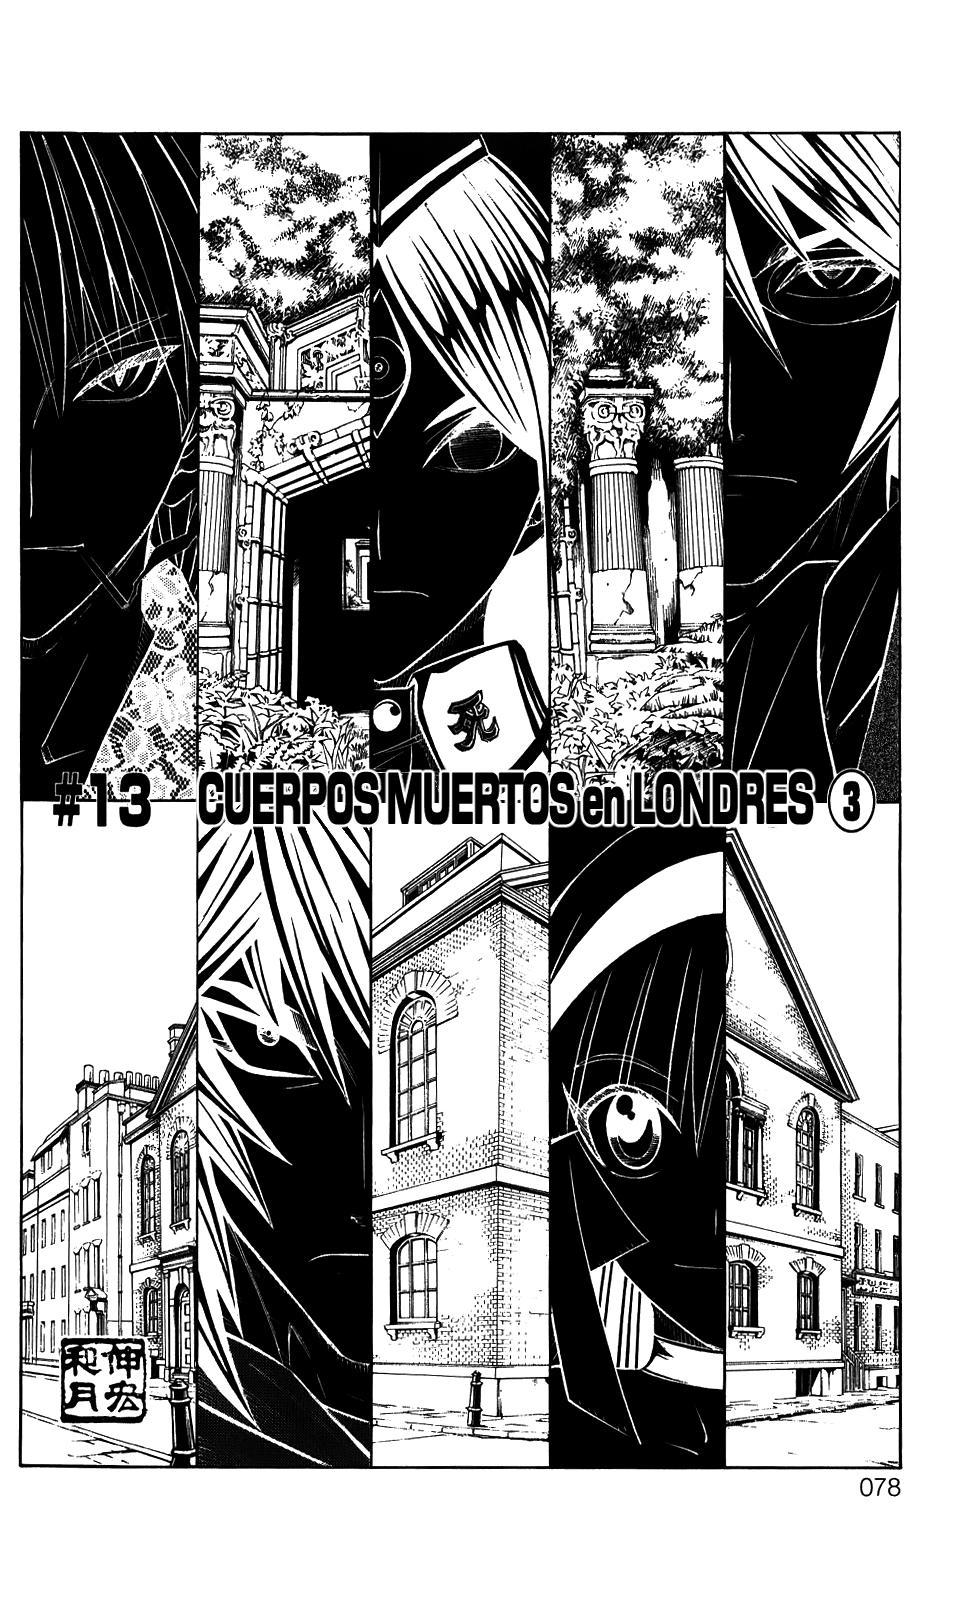 http://c5.ninemanga.com/es_manga/45/18797/447905/f4554276bcf5833ab3dac69401724495.jpg Page 2